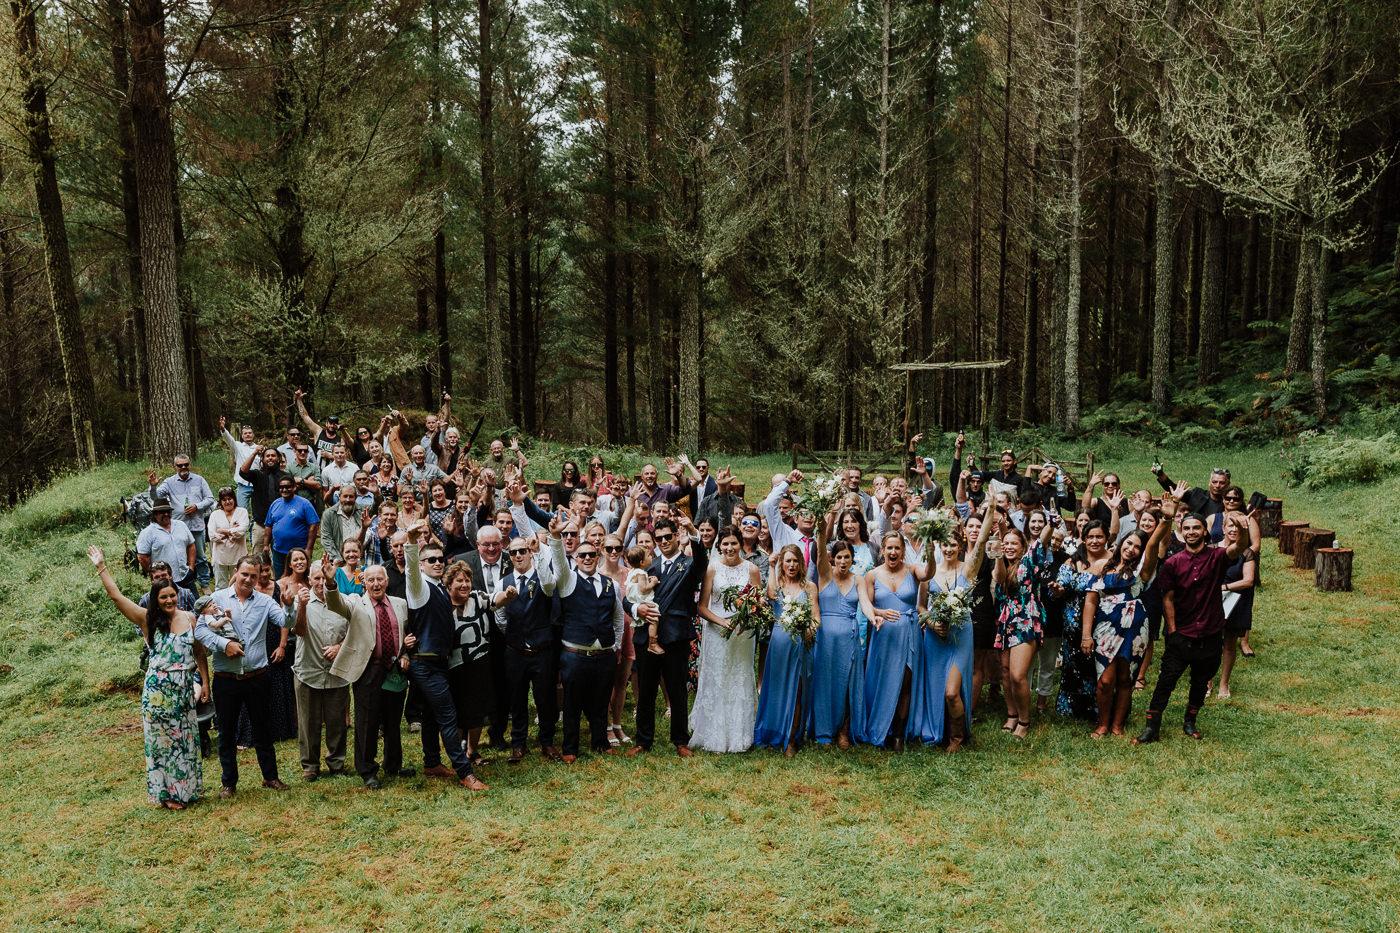 nz_wedding_photographer_gisborne-1152.jpg